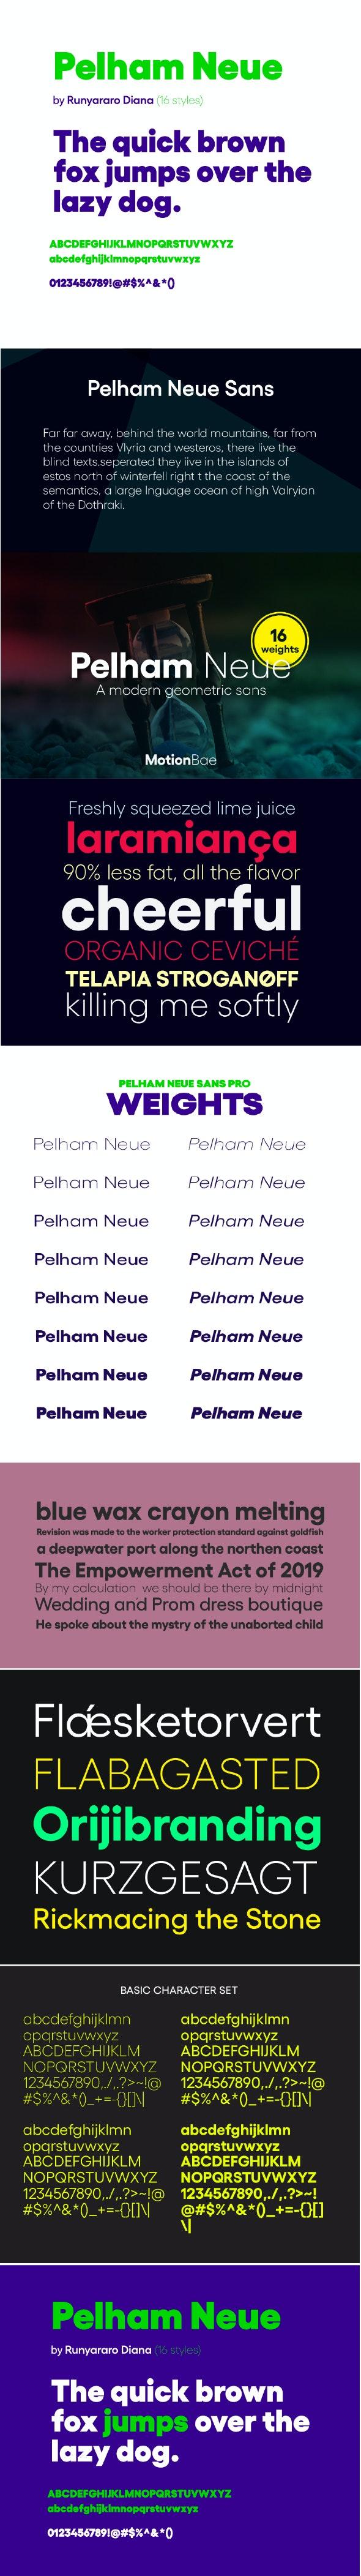 Pelham Neue Sans Serif Font (16 Fonts) - Miscellaneous Sans-Serif